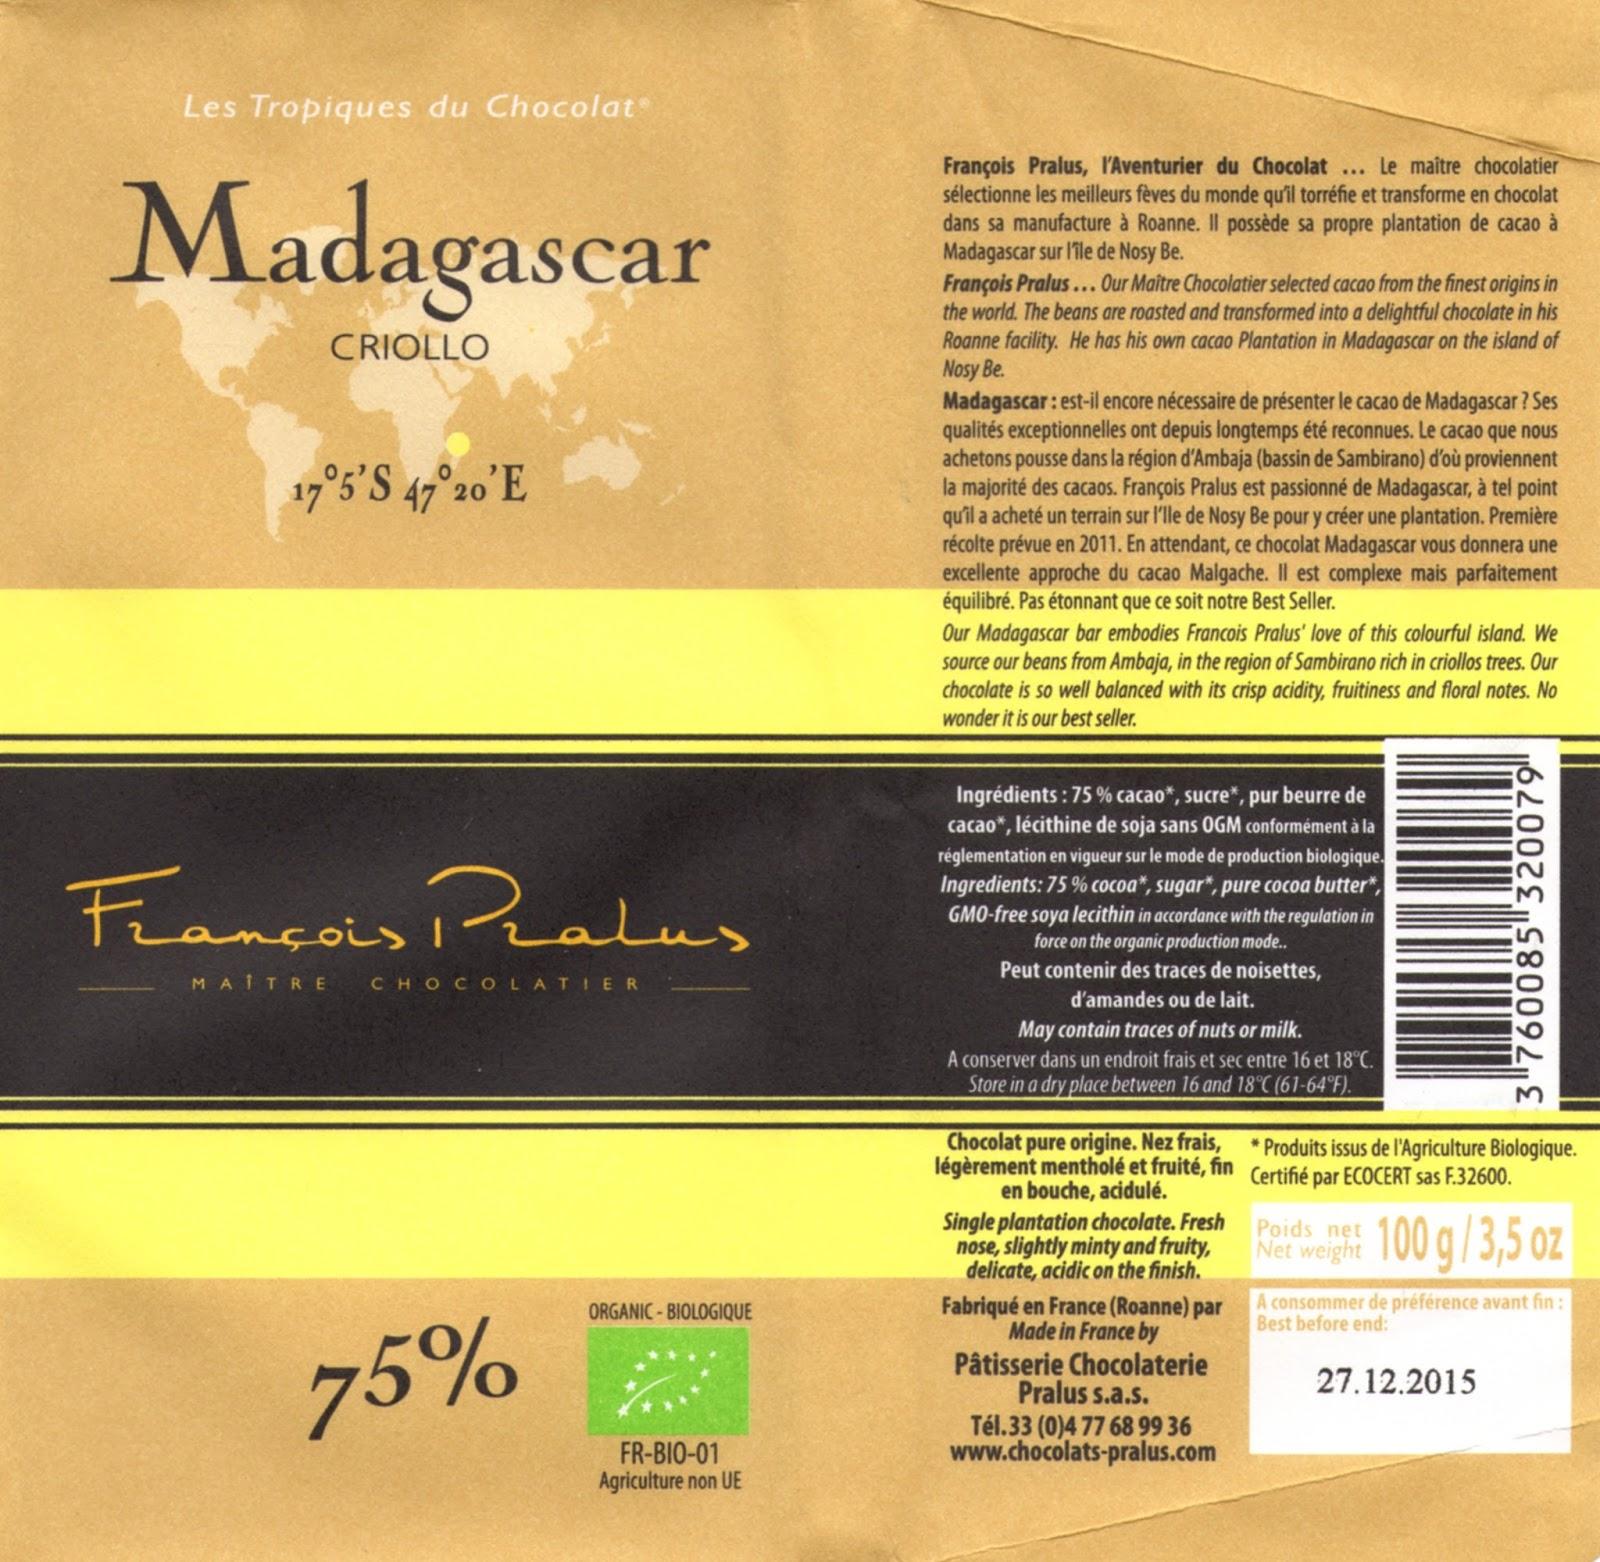 tablette de chocolat noir dégustation pralus noir madagascar criollo 75